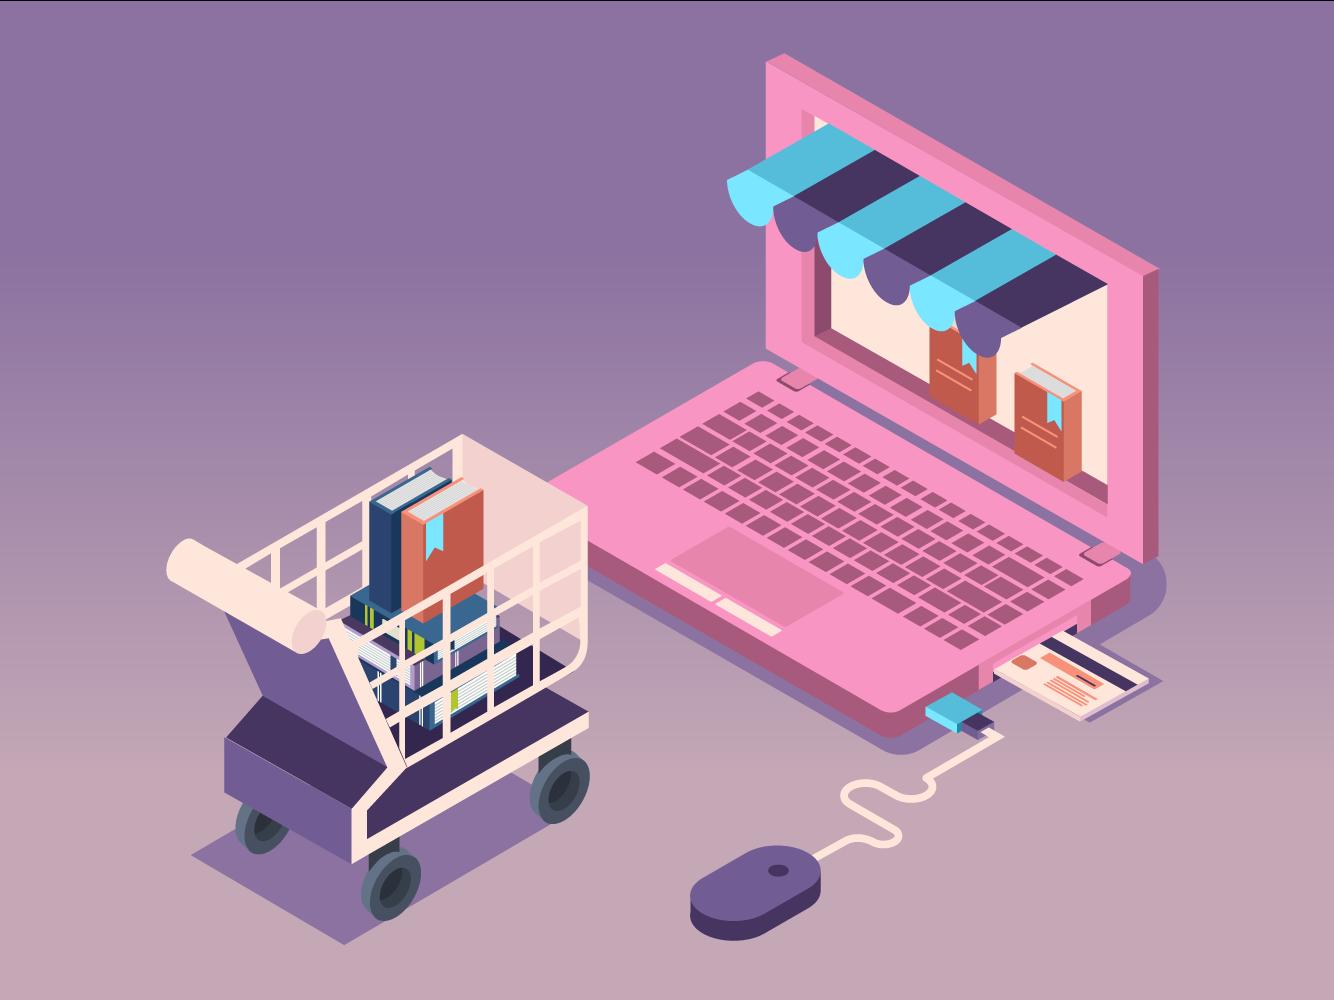 buy goods online 插画、ui